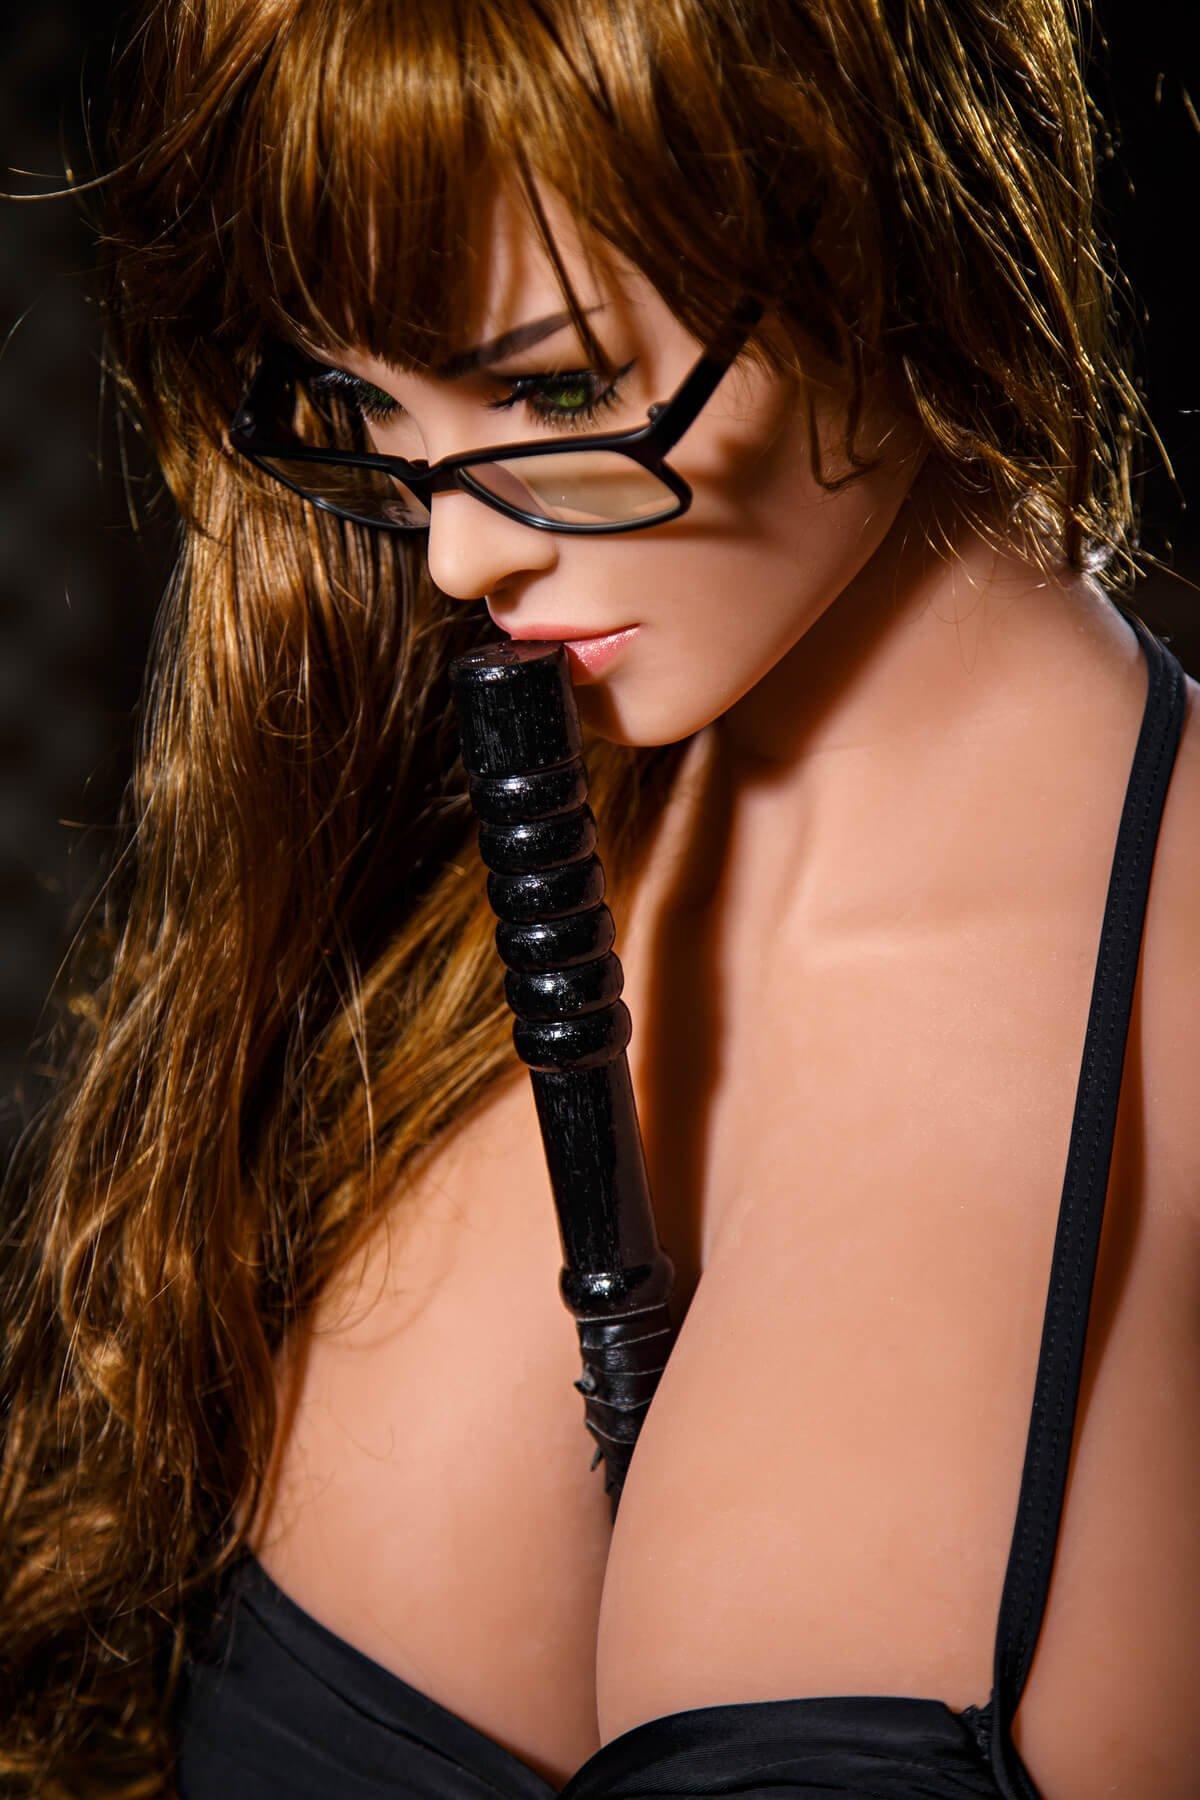 Μεγάλα Στήθη μικρή μέση ευρωπαϊκή Sex Doll